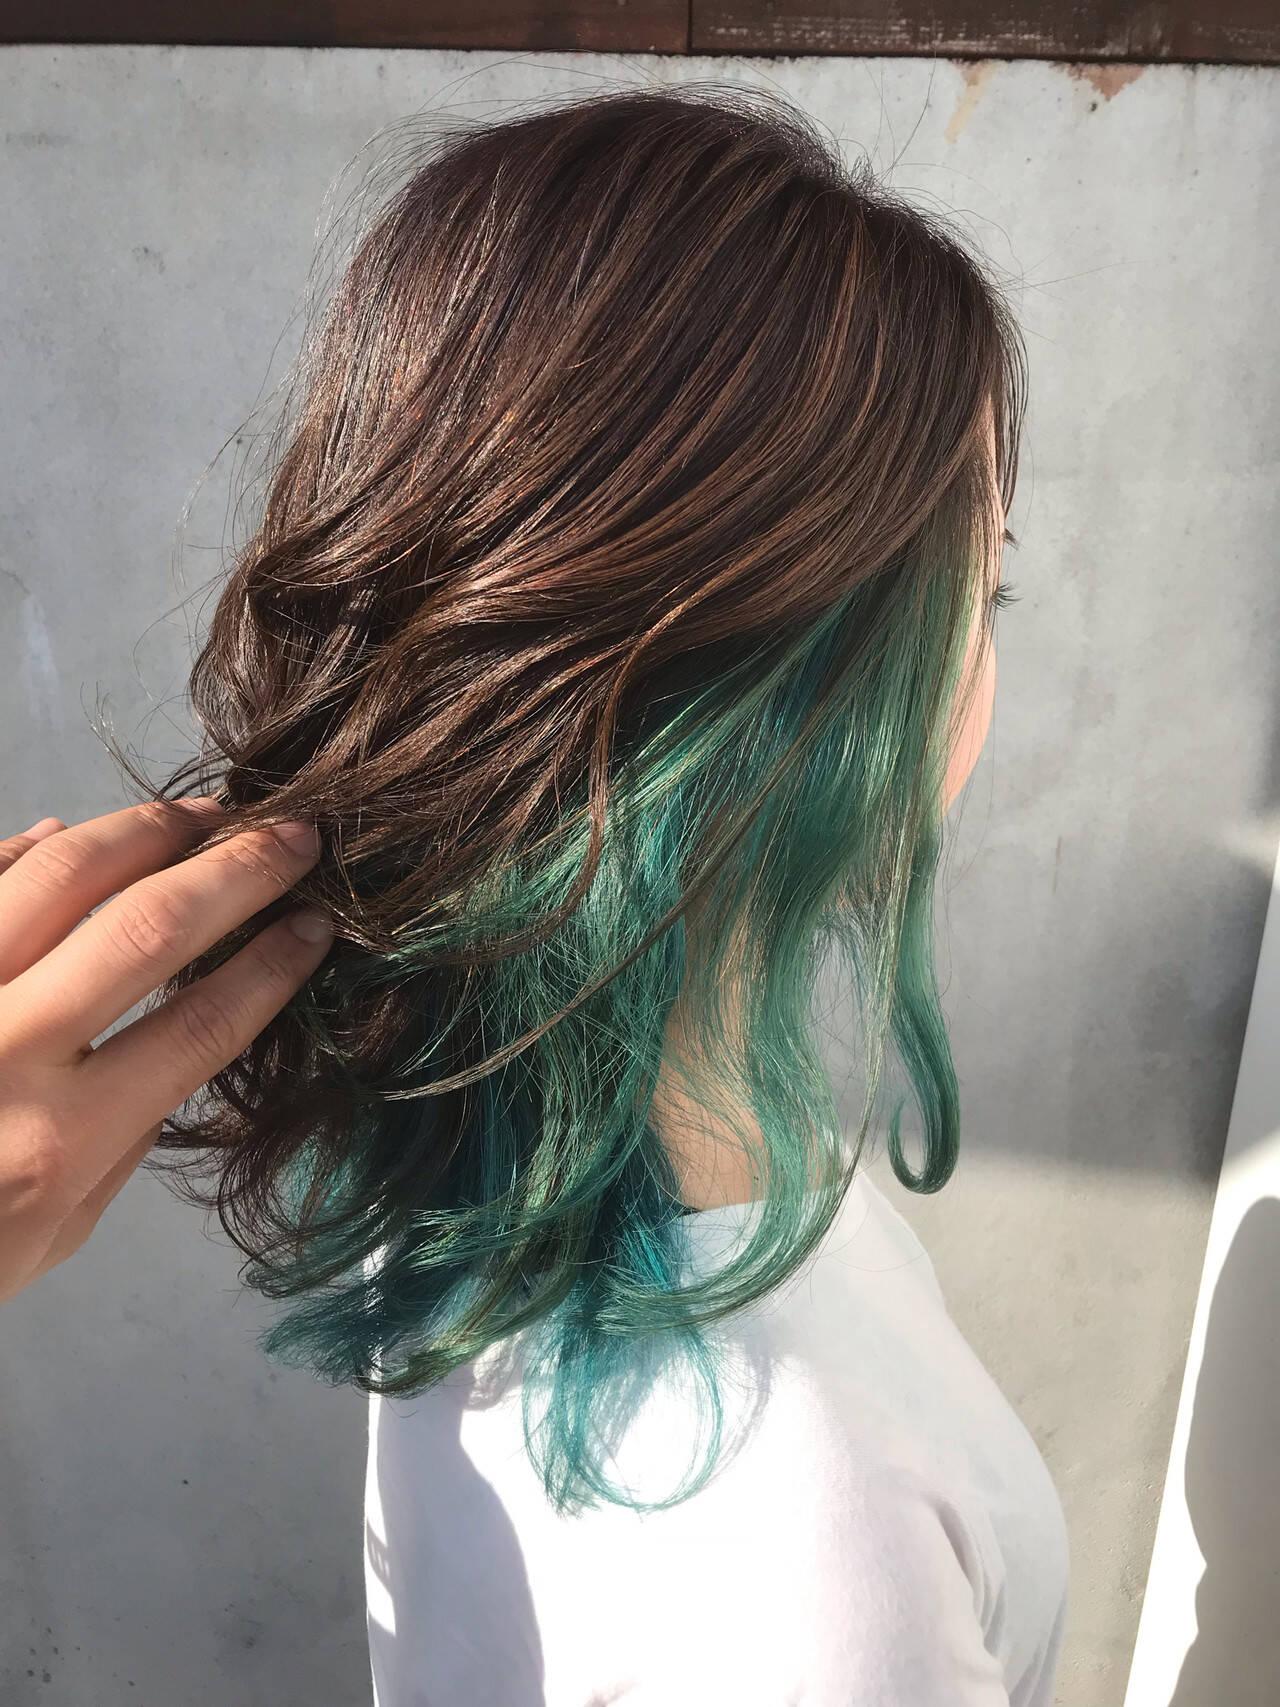 セミロング グリーン エメラルドグリーンカラー ストリートヘアスタイルや髪型の写真・画像